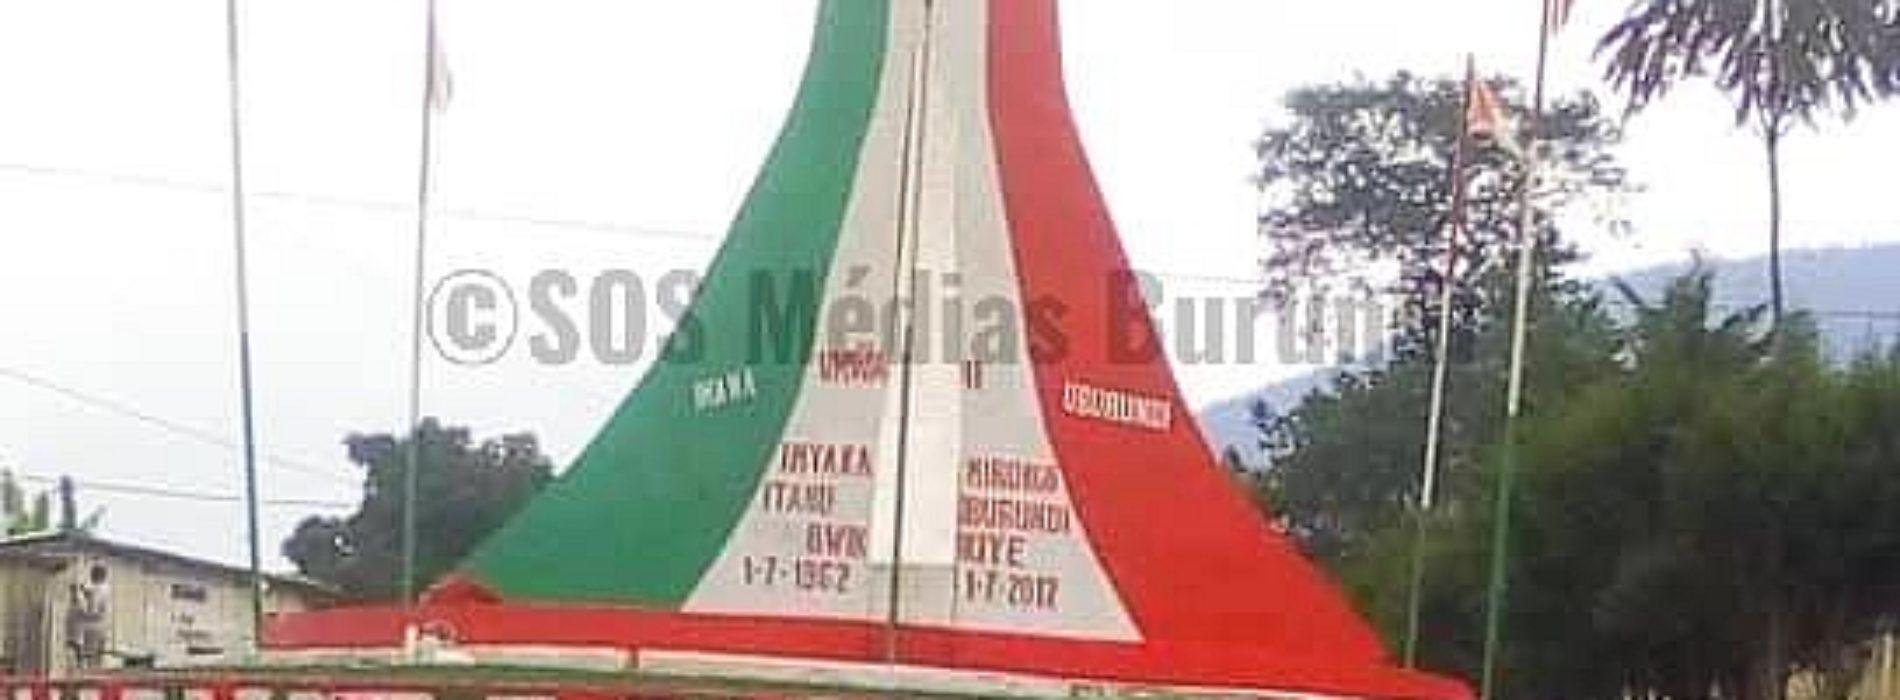 Burundi-UA : l'UA met fin au mandat de sa mission d'observateurs des droits de l'homme et d'experts militaires au Burundi